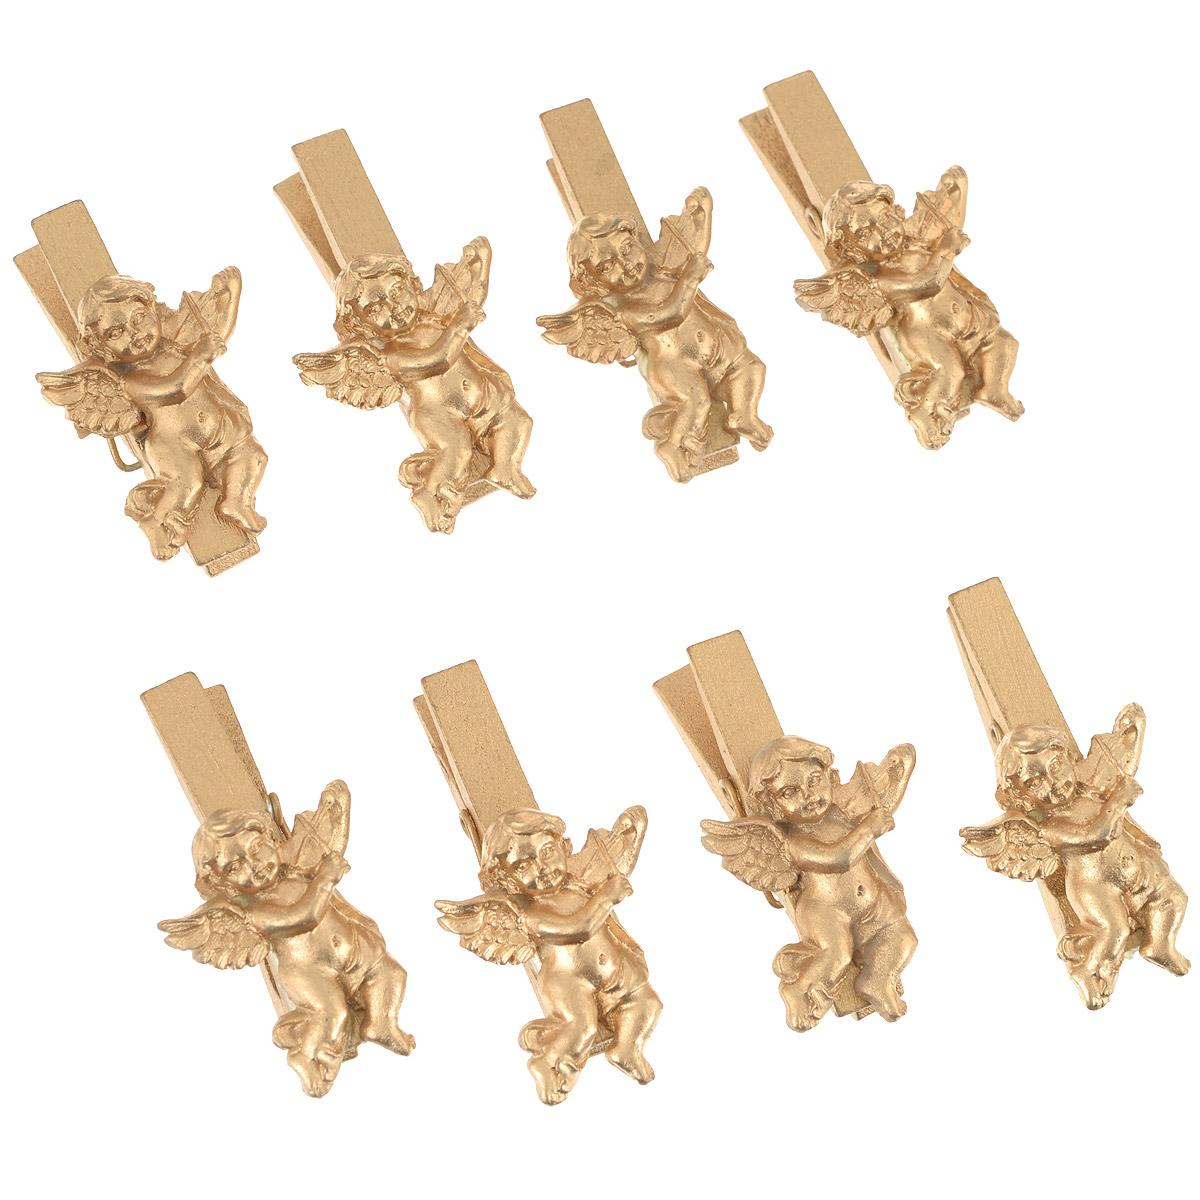 Декоративная прищепка Home Queen Ангел, цвет: золотистый, длина 4 см, 8 шт66559Декоративная прищепка Home Queen Ангел выполнена из дерева и украшена фигуркой из полирезины. В наборе 8 штук. Такой набор прекрасно подойдет для декора комнатных растений, букетов, интерьера, подарков, а также в качестве зажима для штор и замка для бакалеи (например, пакетов с молоком и т.д.).